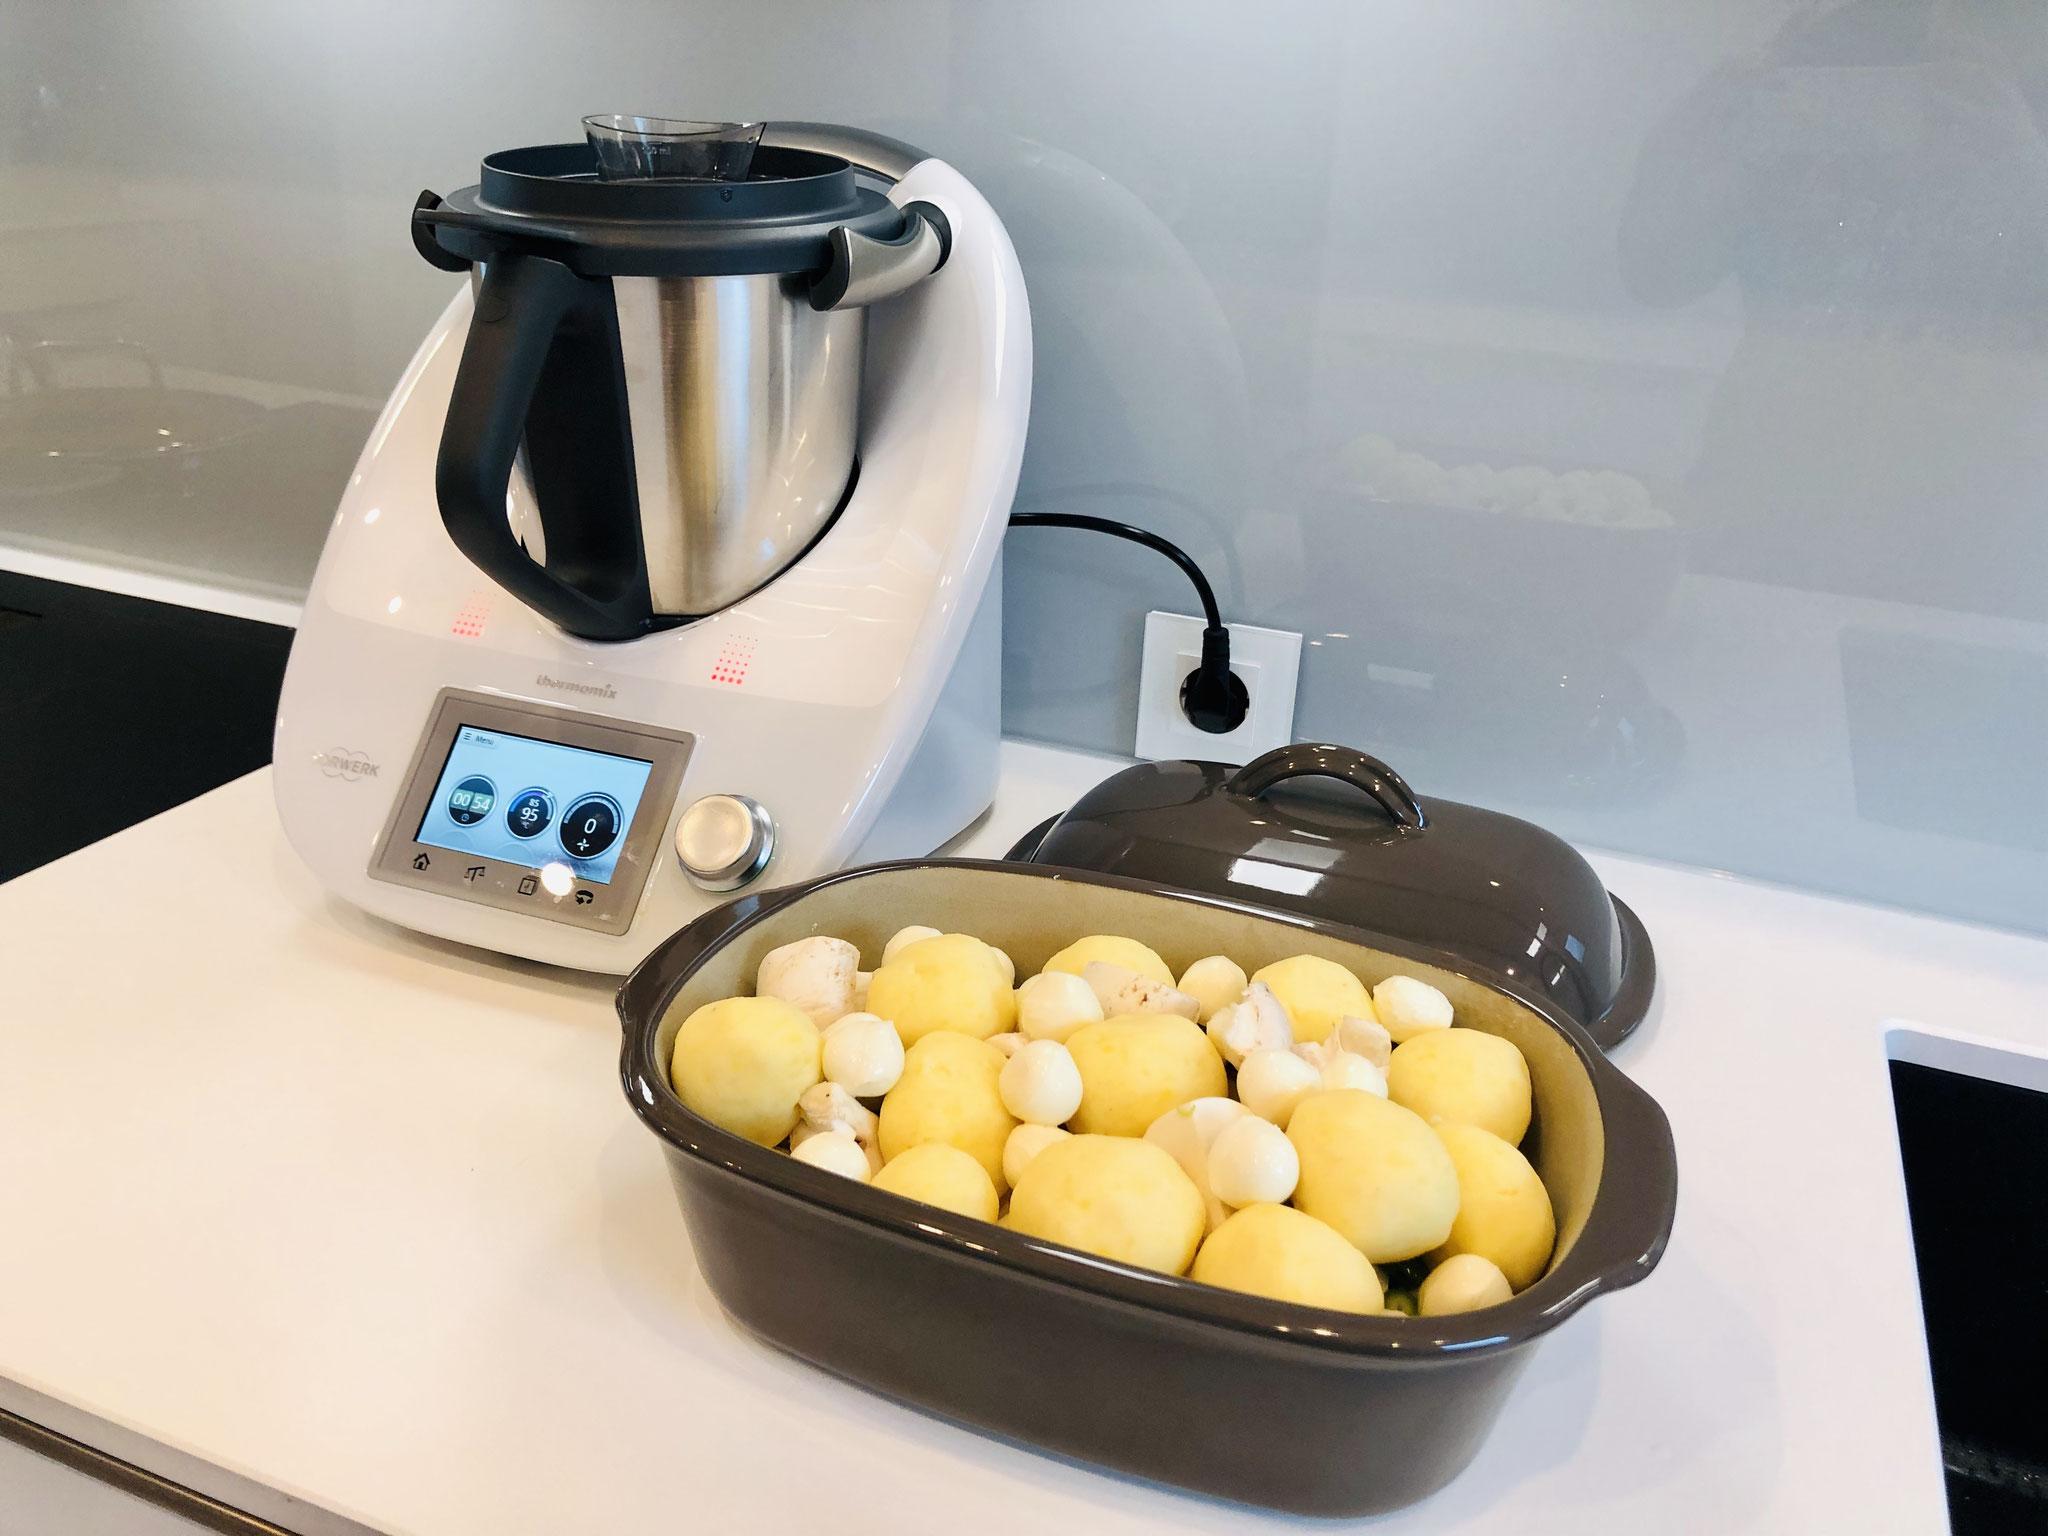 Der Ofenmeister ist gut gefüllt und es können gut 3-4 Personen satt werden...